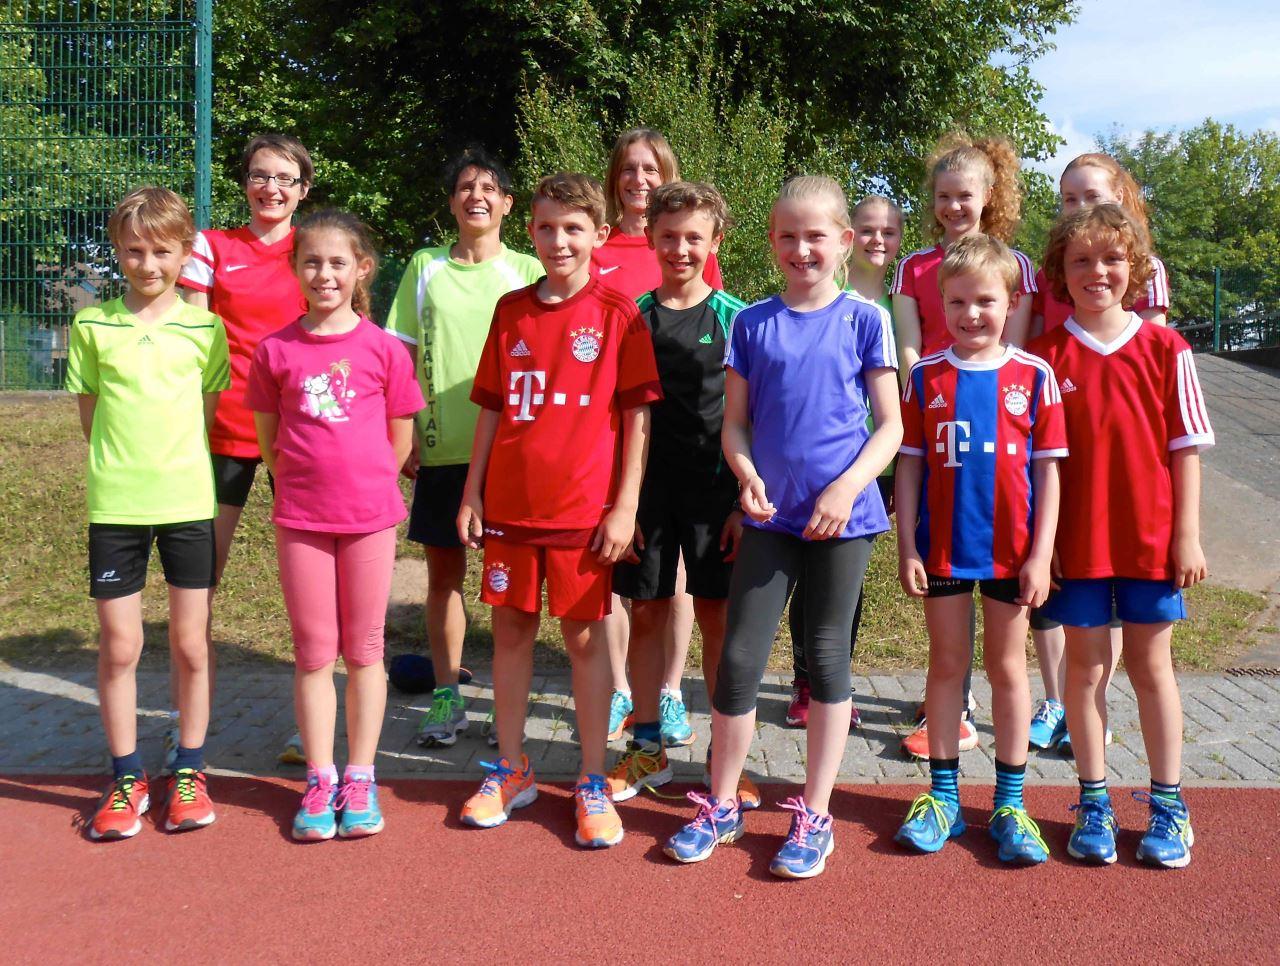 TVS Leichtathletik bei Kreisstaffelmeisterschaften 2015 in Stockstadt